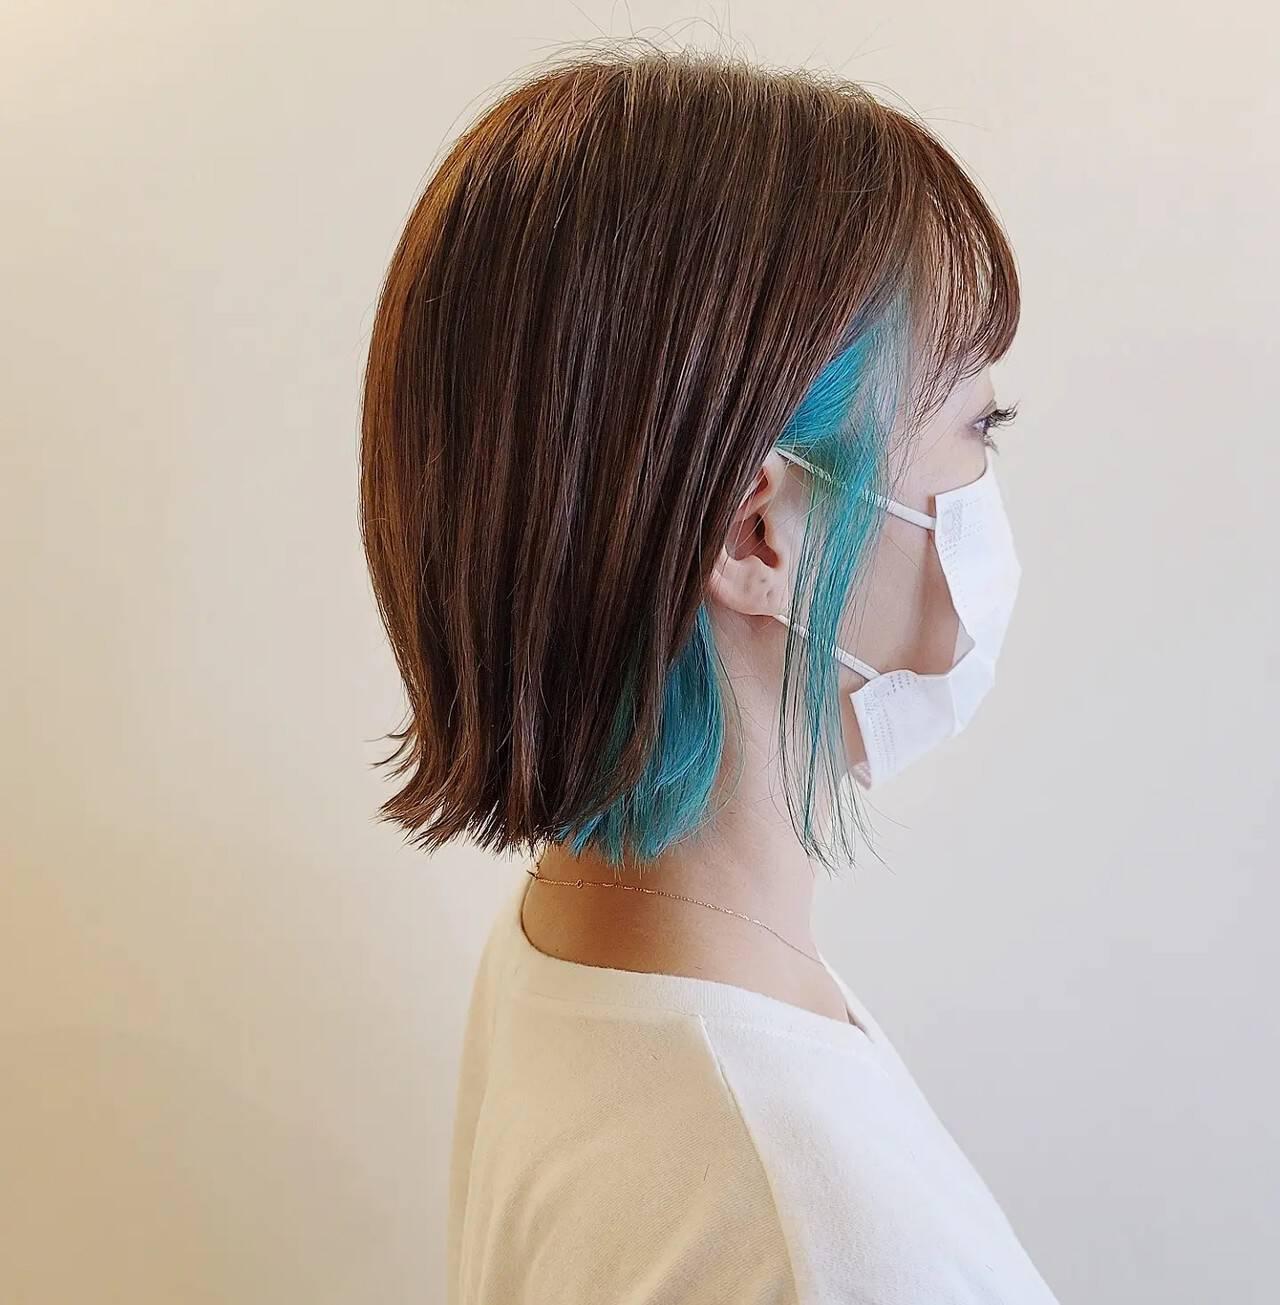 ヘアカット インナーカラー モード ボブヘアスタイルや髪型の写真・画像